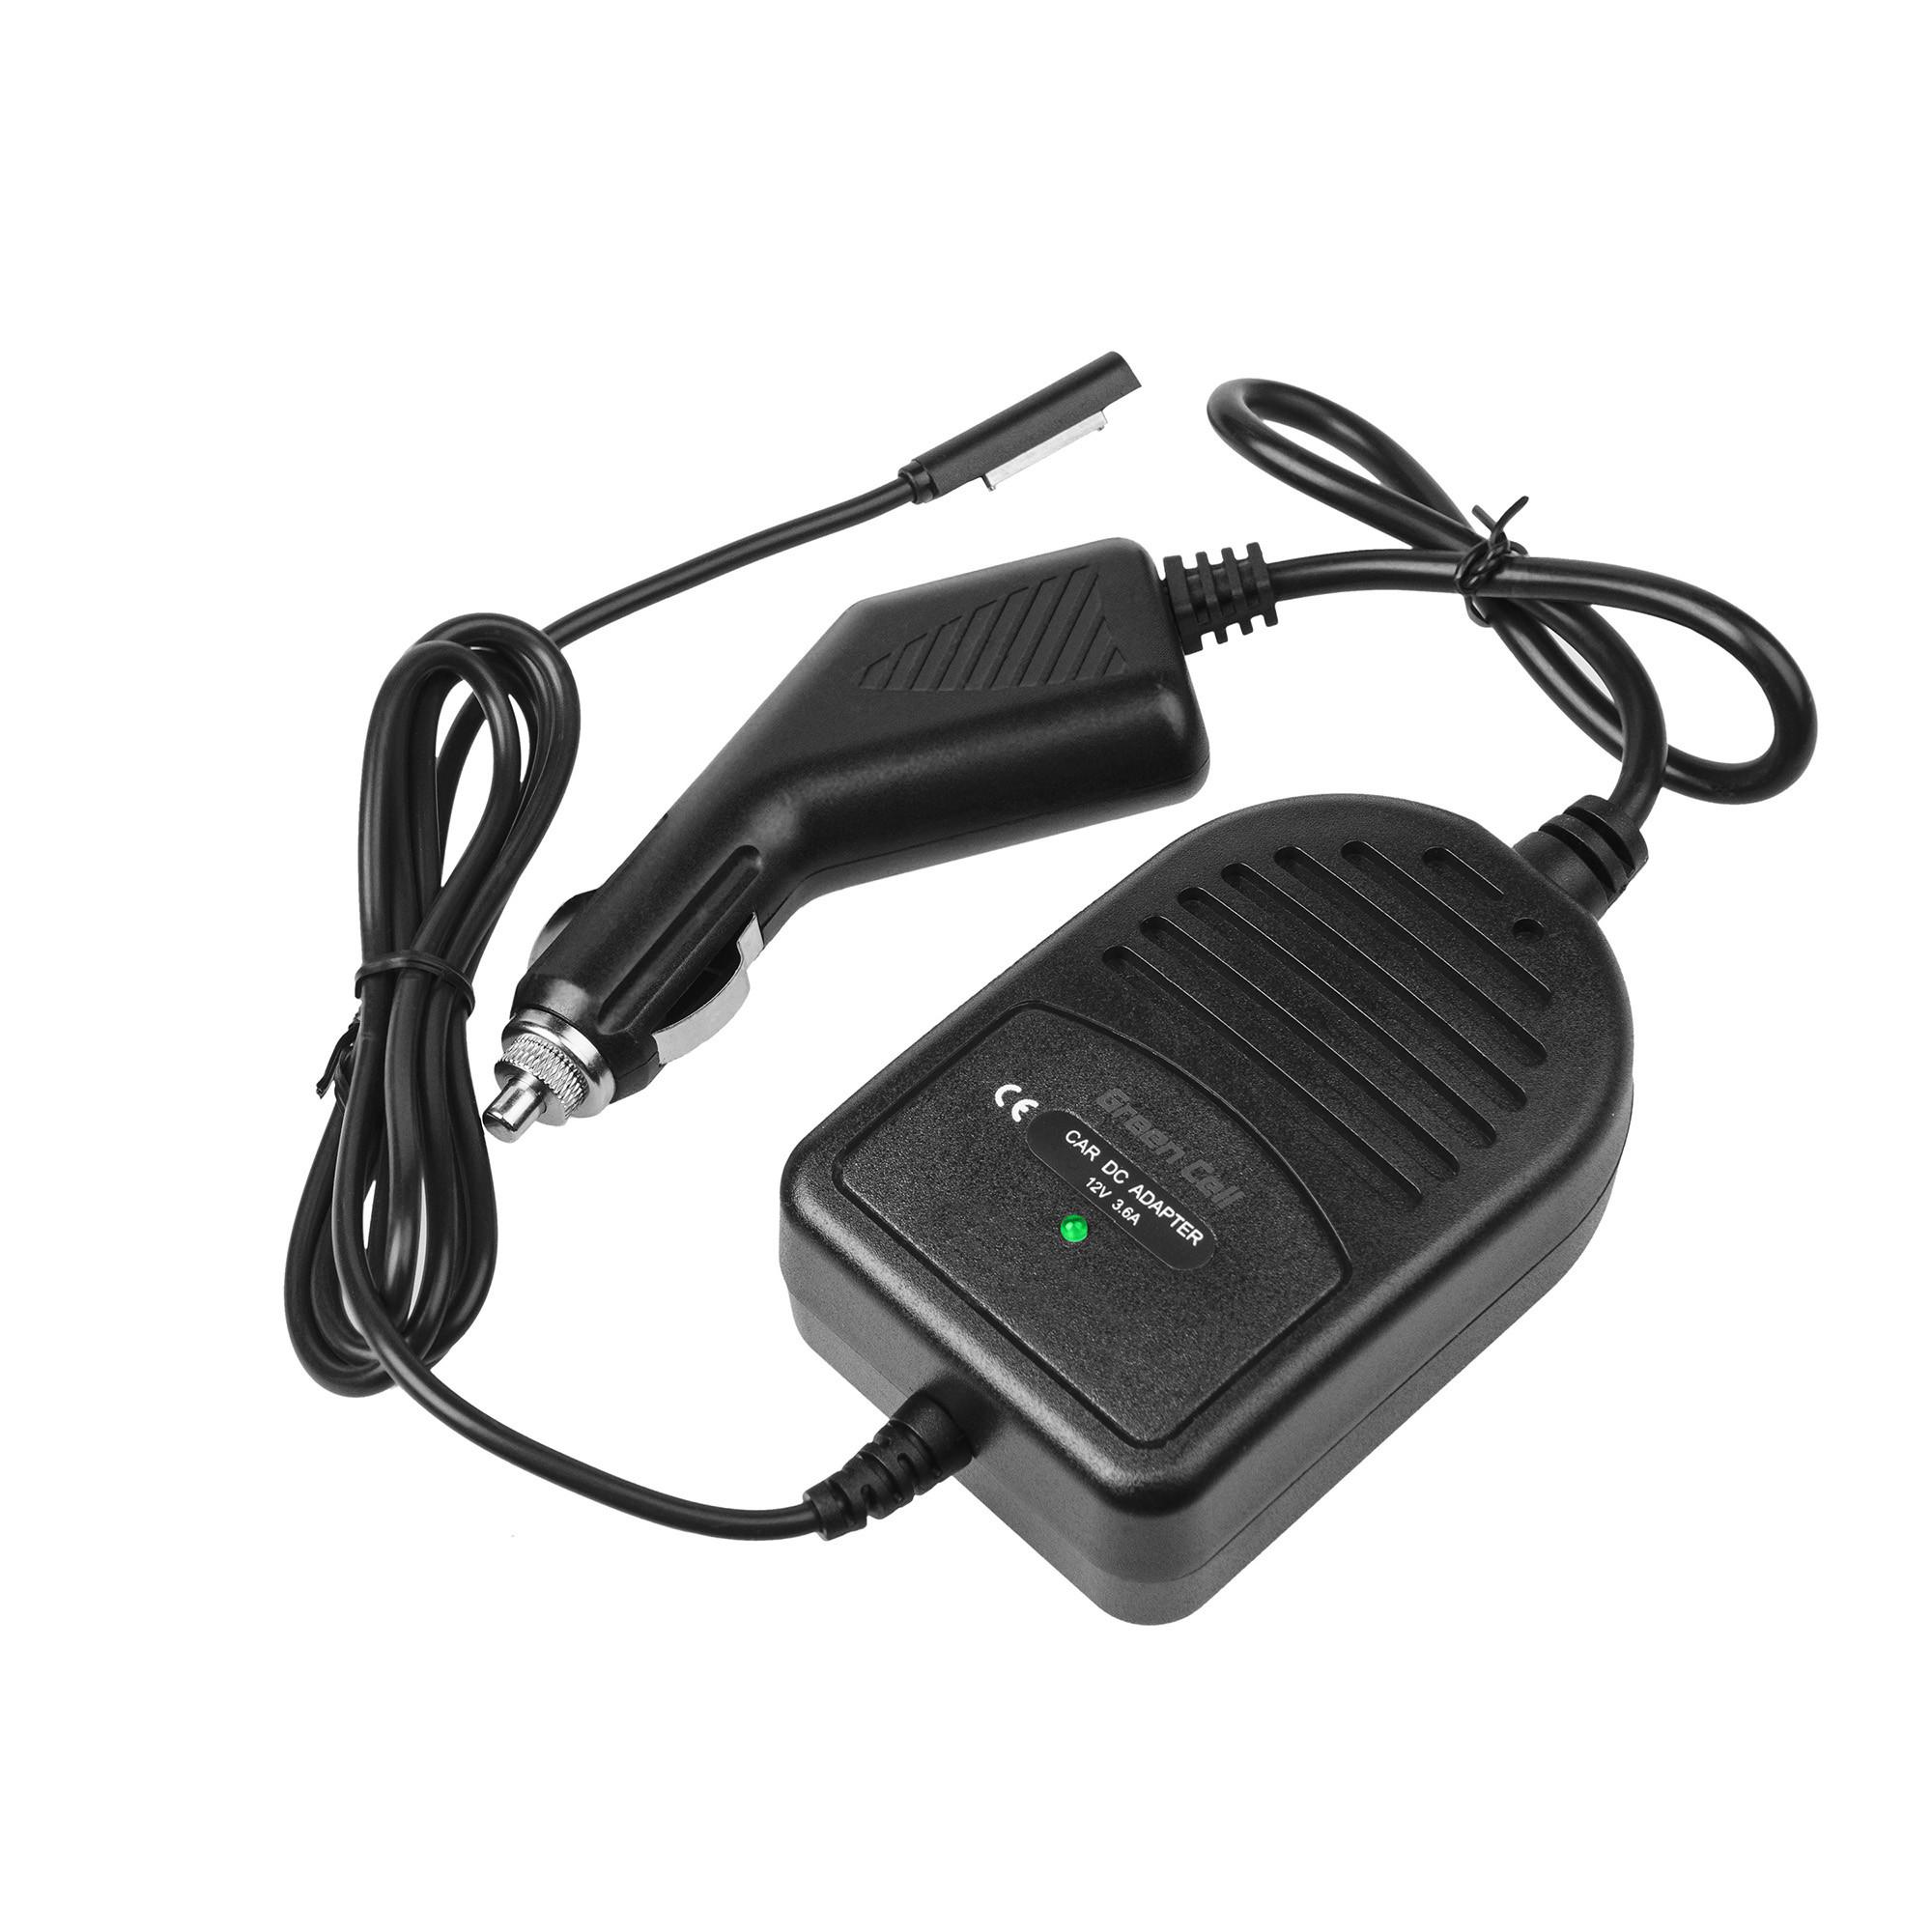 Green Cell CAD35 Adaptér Nabíječka do auta Microsoft Surface RT, RT/2, Pro i Pro 2 12V 3.6A